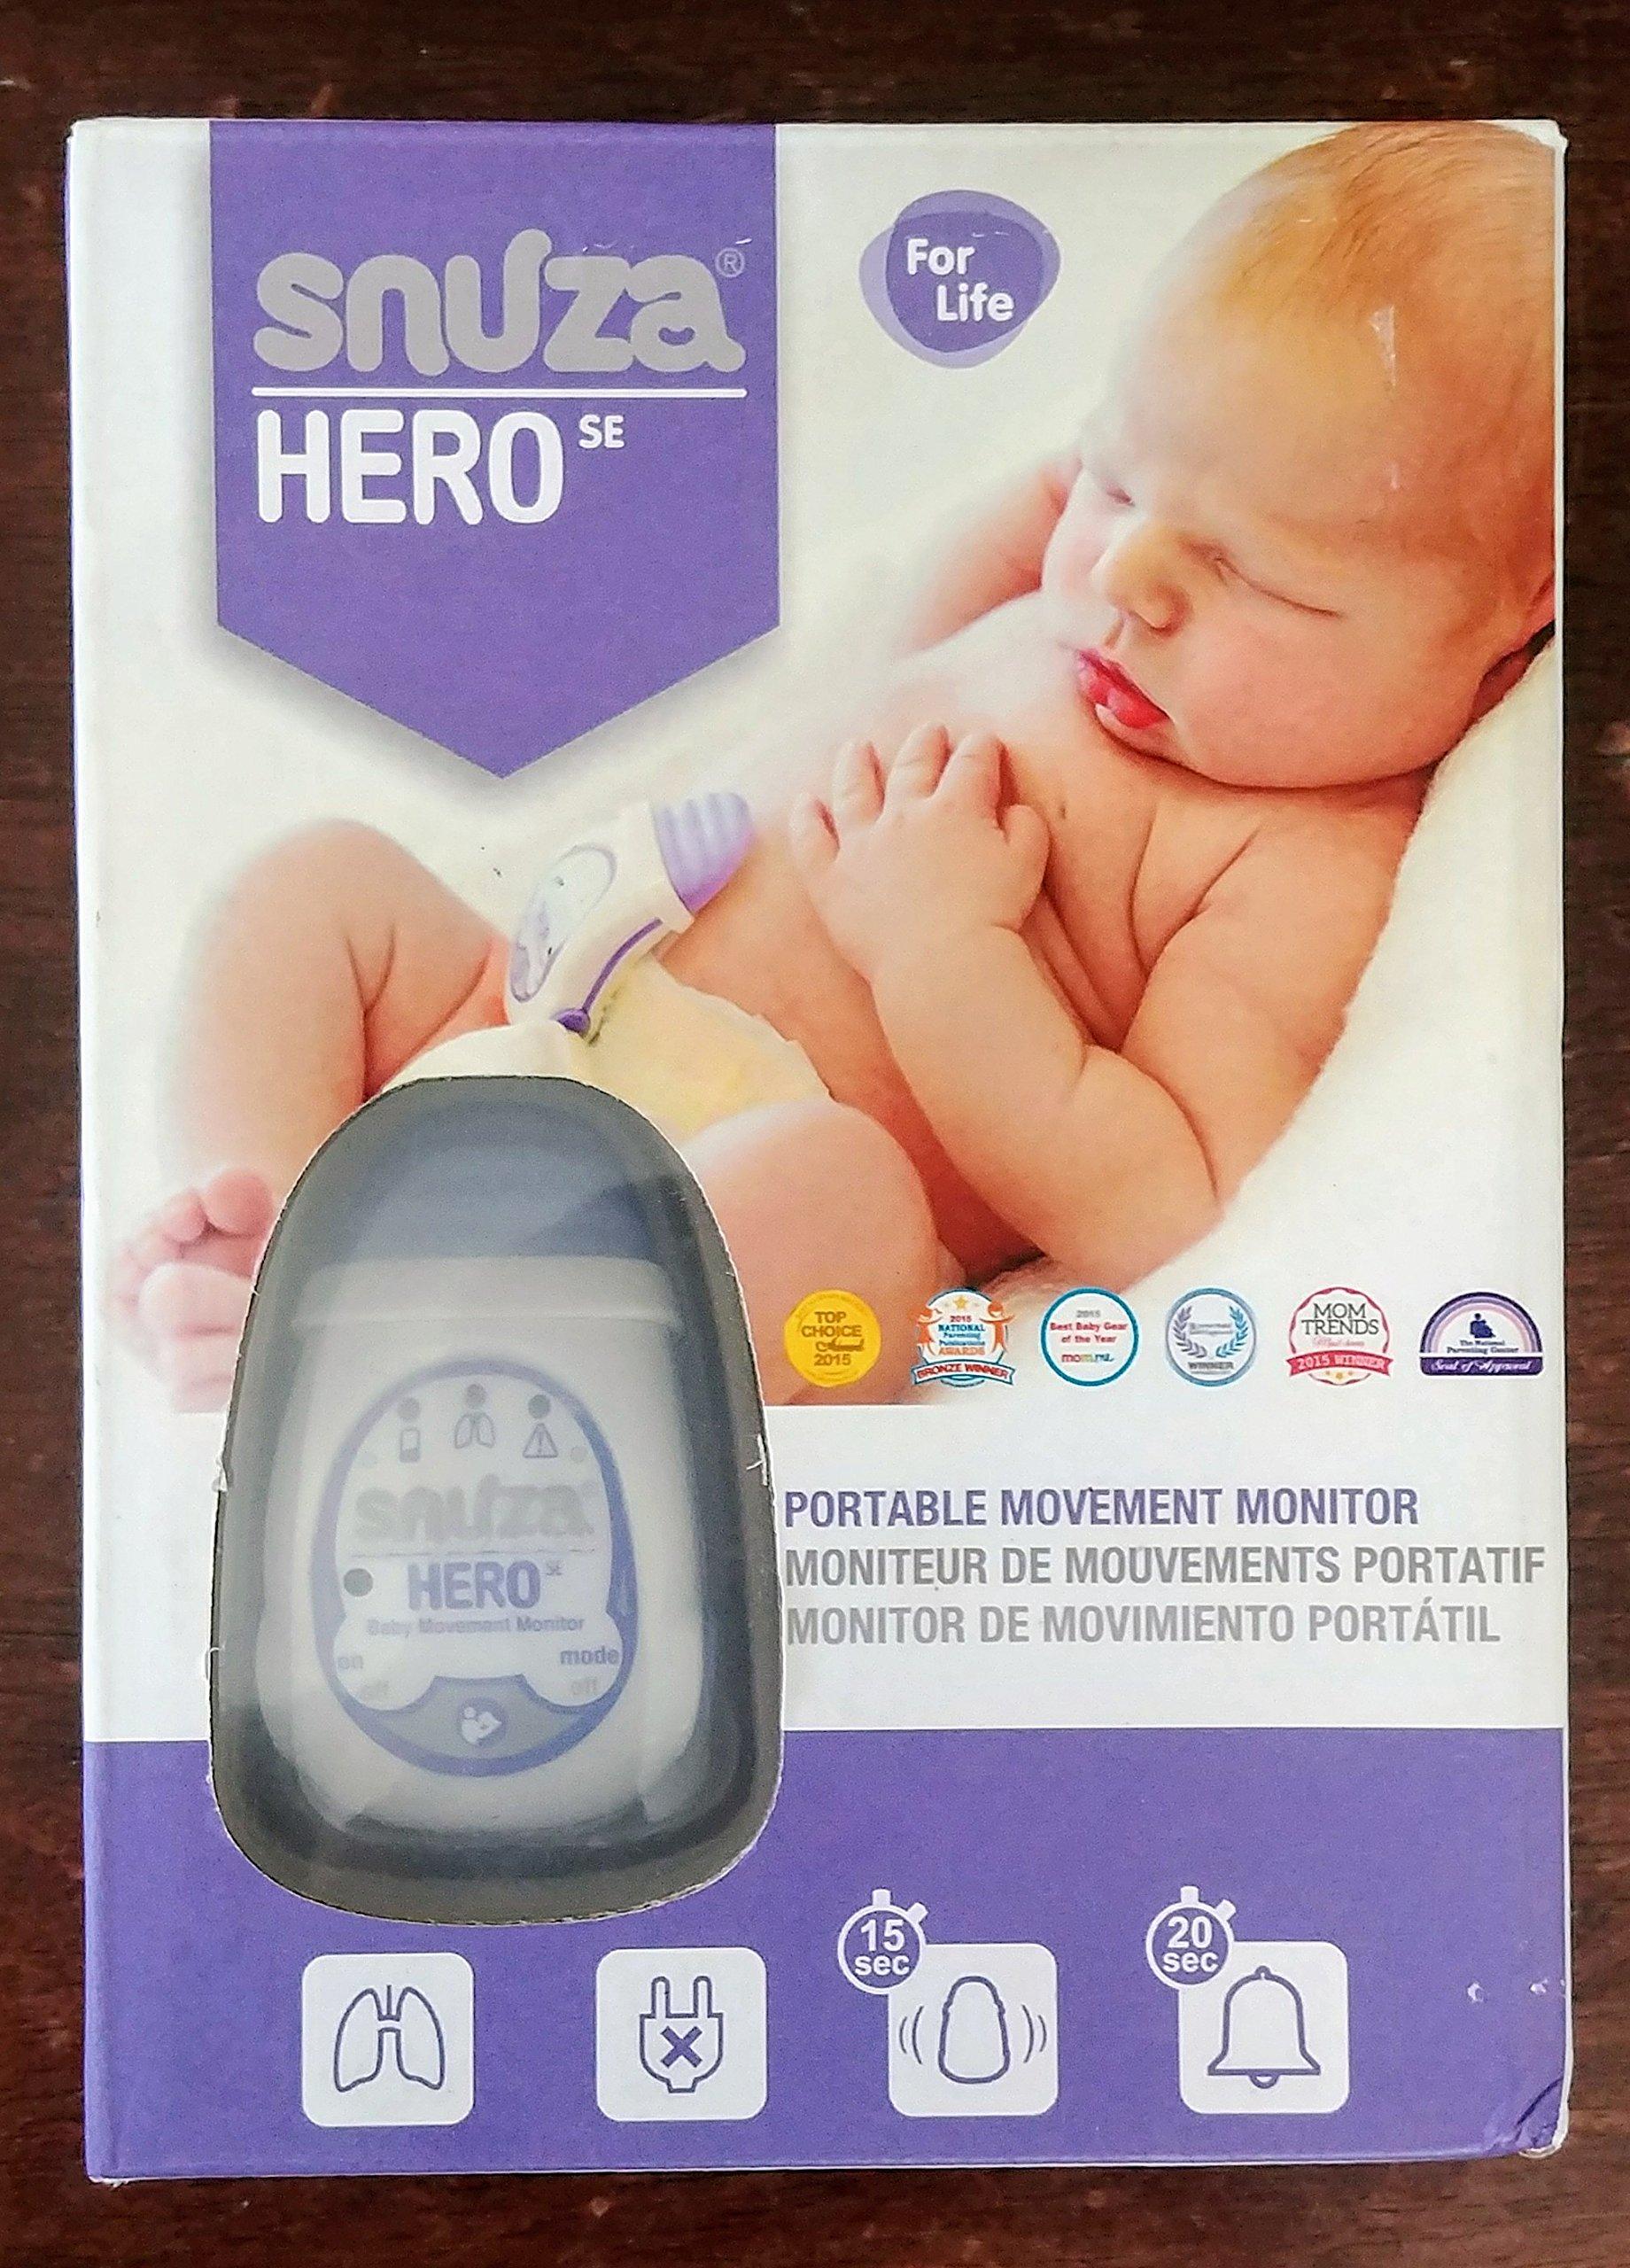 Snuza Hero SE Portable Movement Monitor